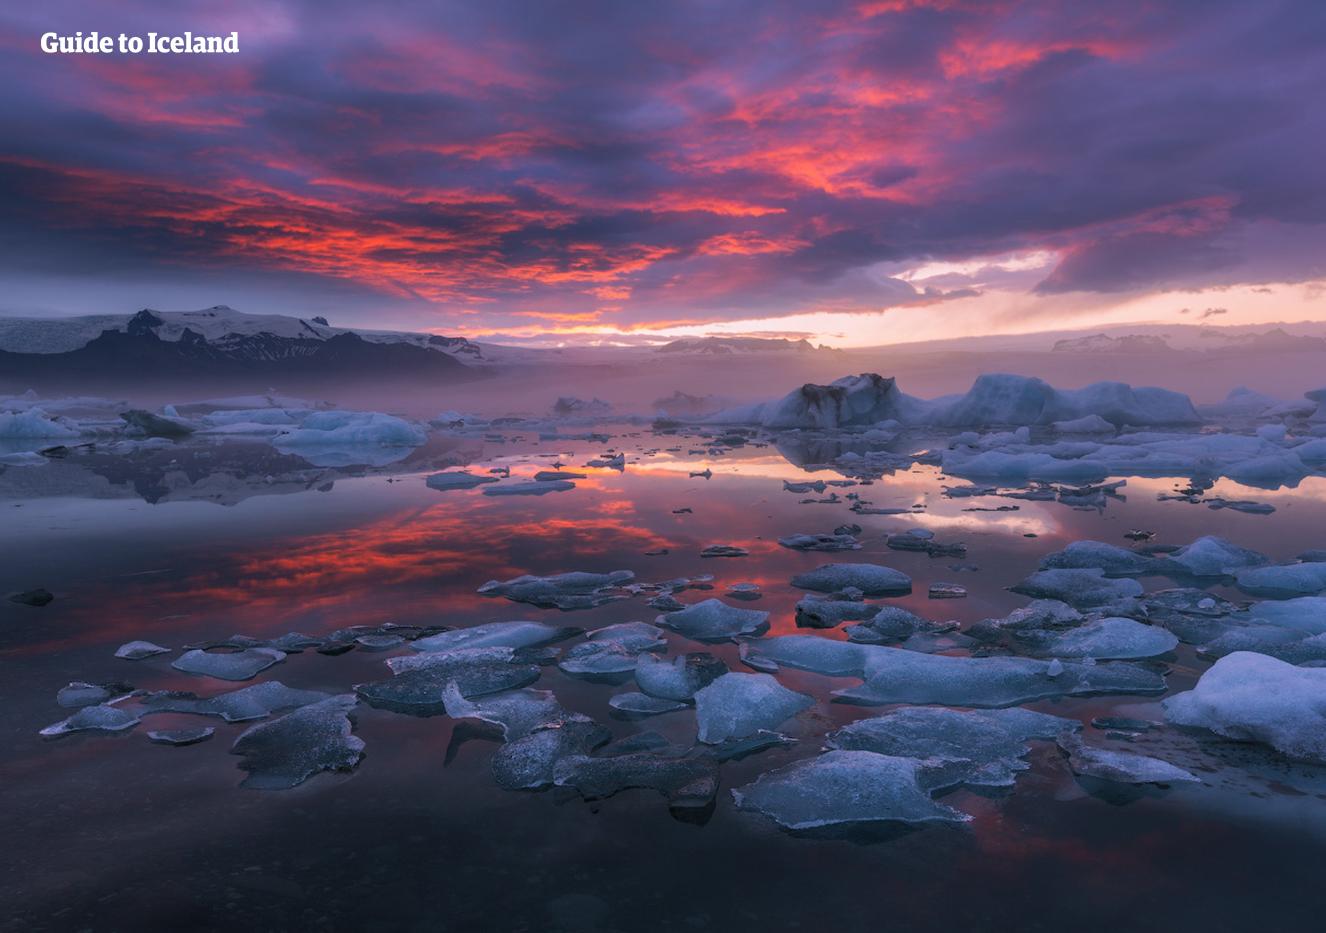 Besuche im Sommer auf einer Mietwagen-Rundreise die wunderschöne Gletscherlagune Jökulsarlon und schau den Eisbergen nach, die friedlich über das eiskalte Wasser gleiten.